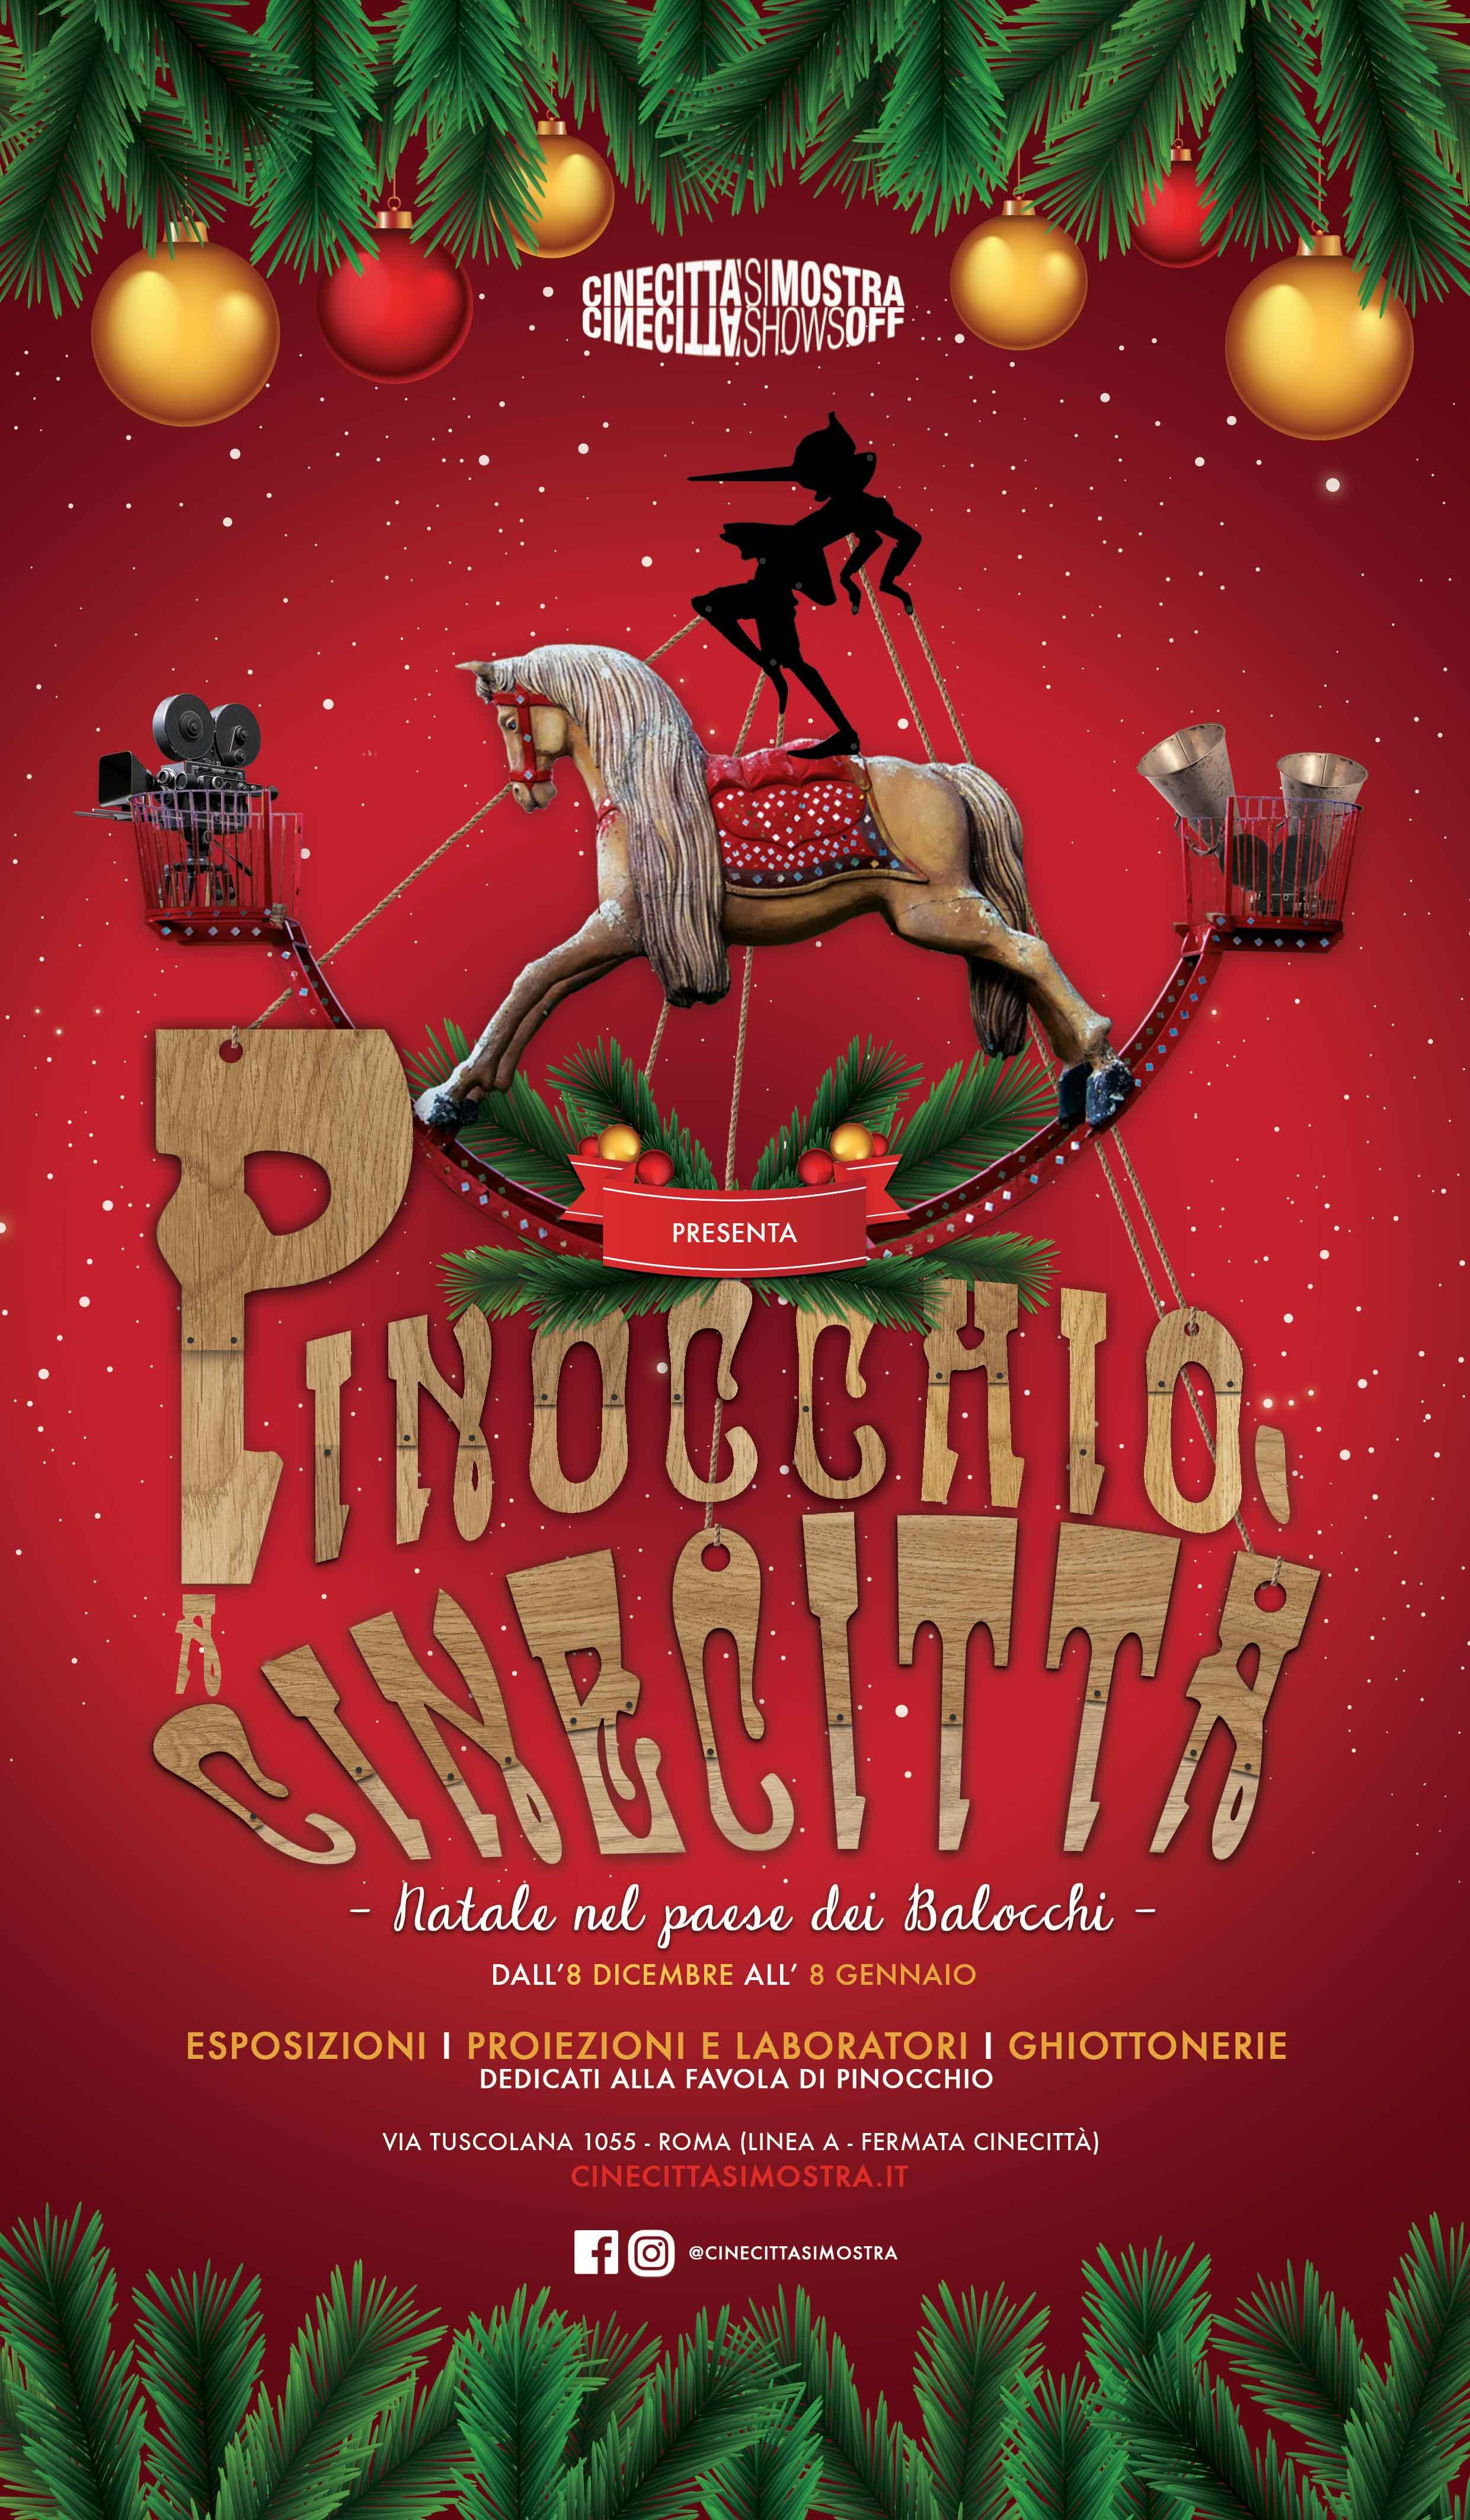 Regali di Natale: una gita a Cinecittà con Pinocchio